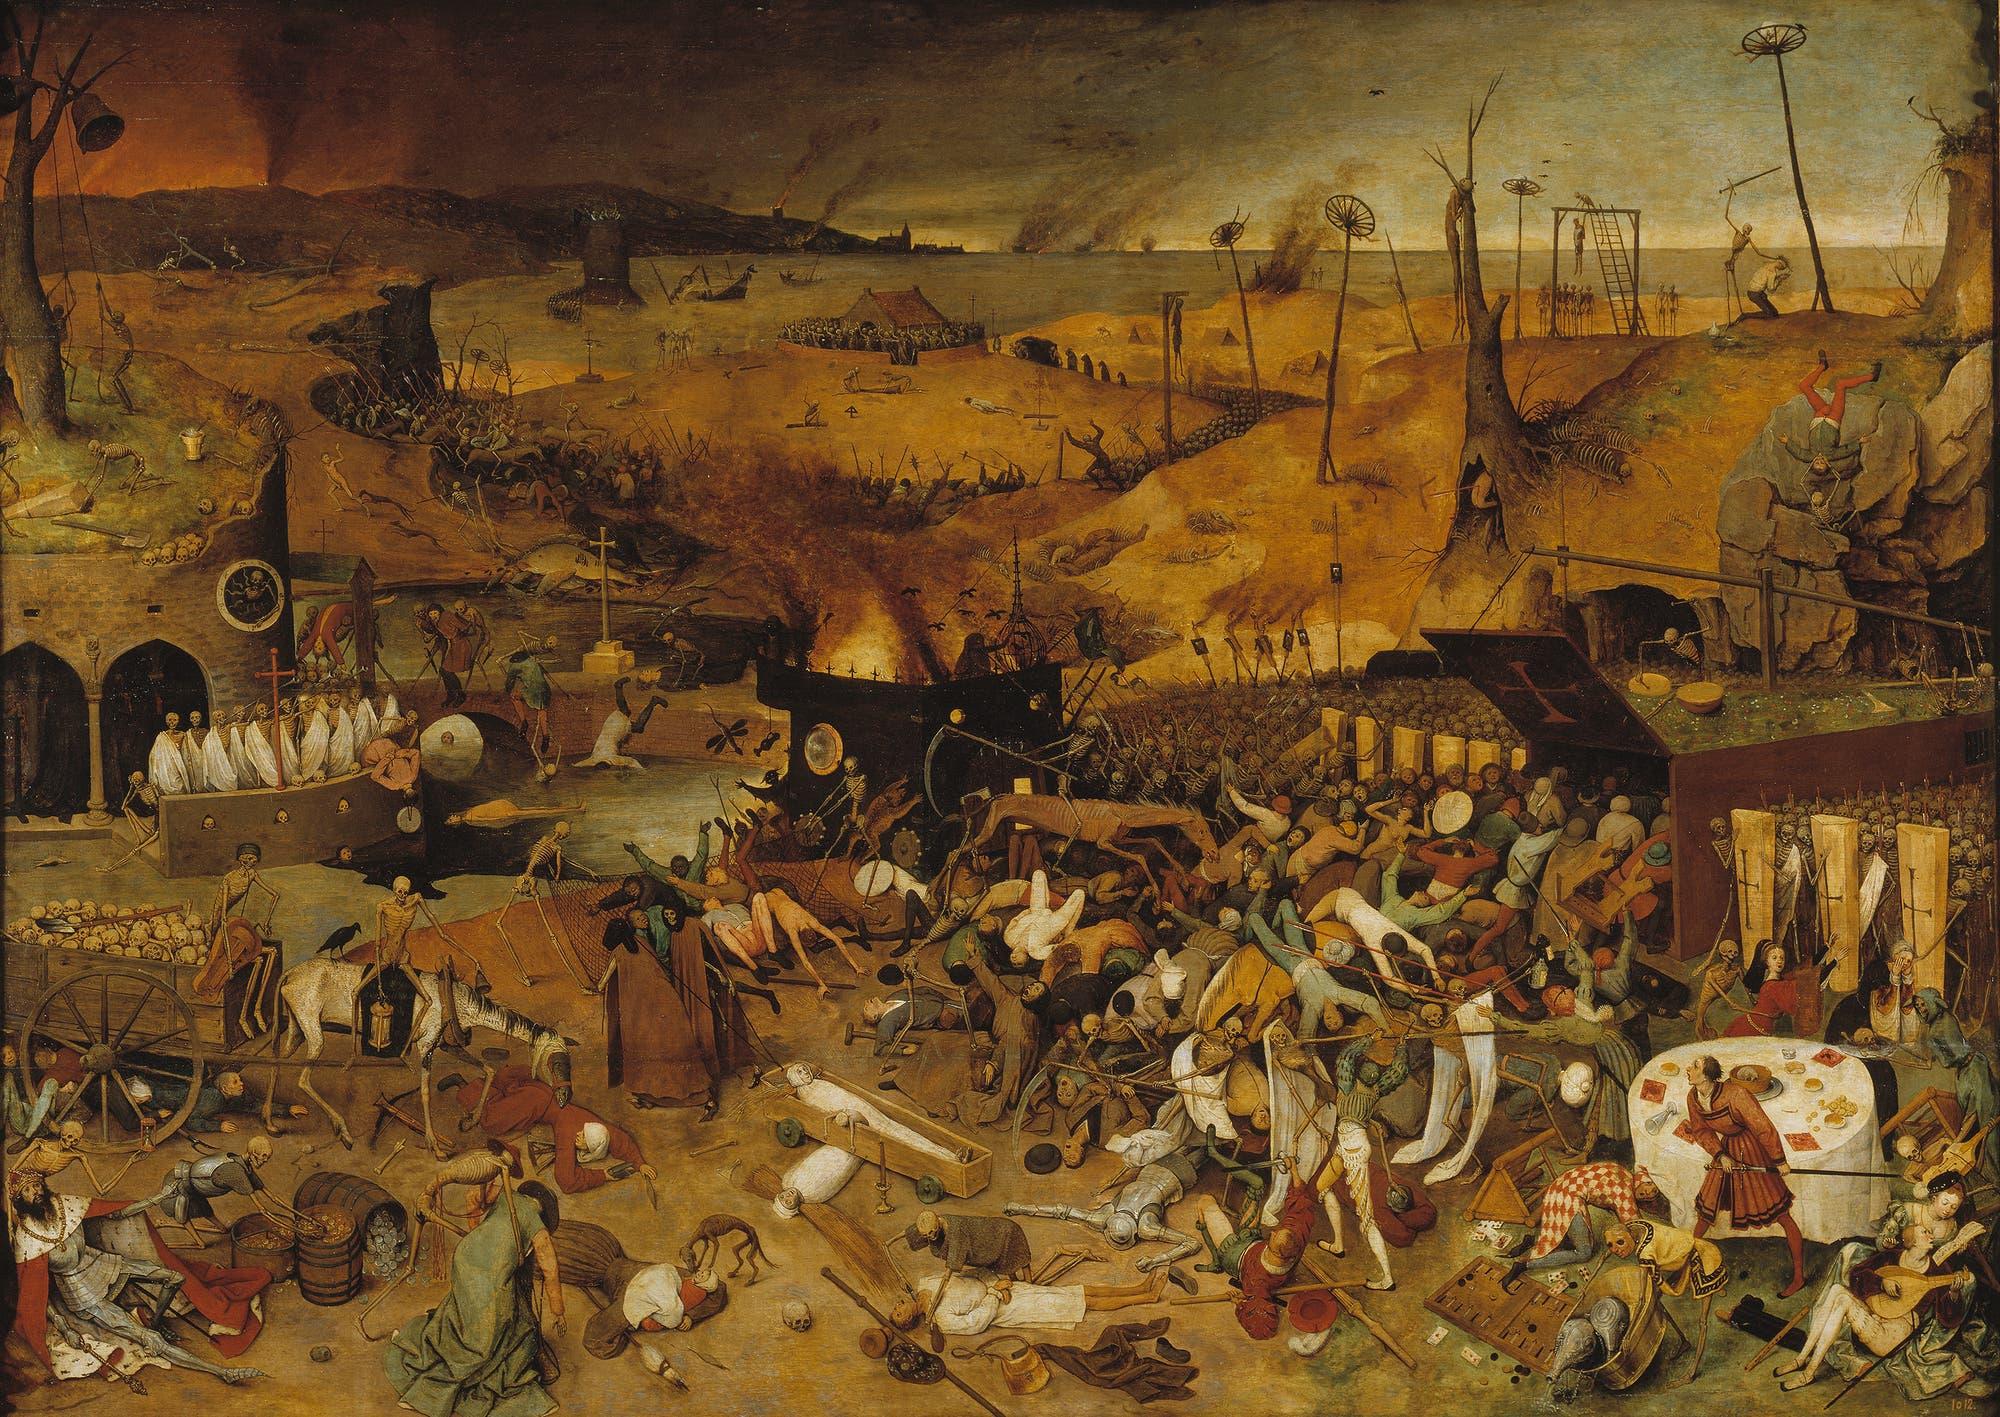 Gemälde von Pieter Bruegel dem Älteren: Der Triumph des Todes